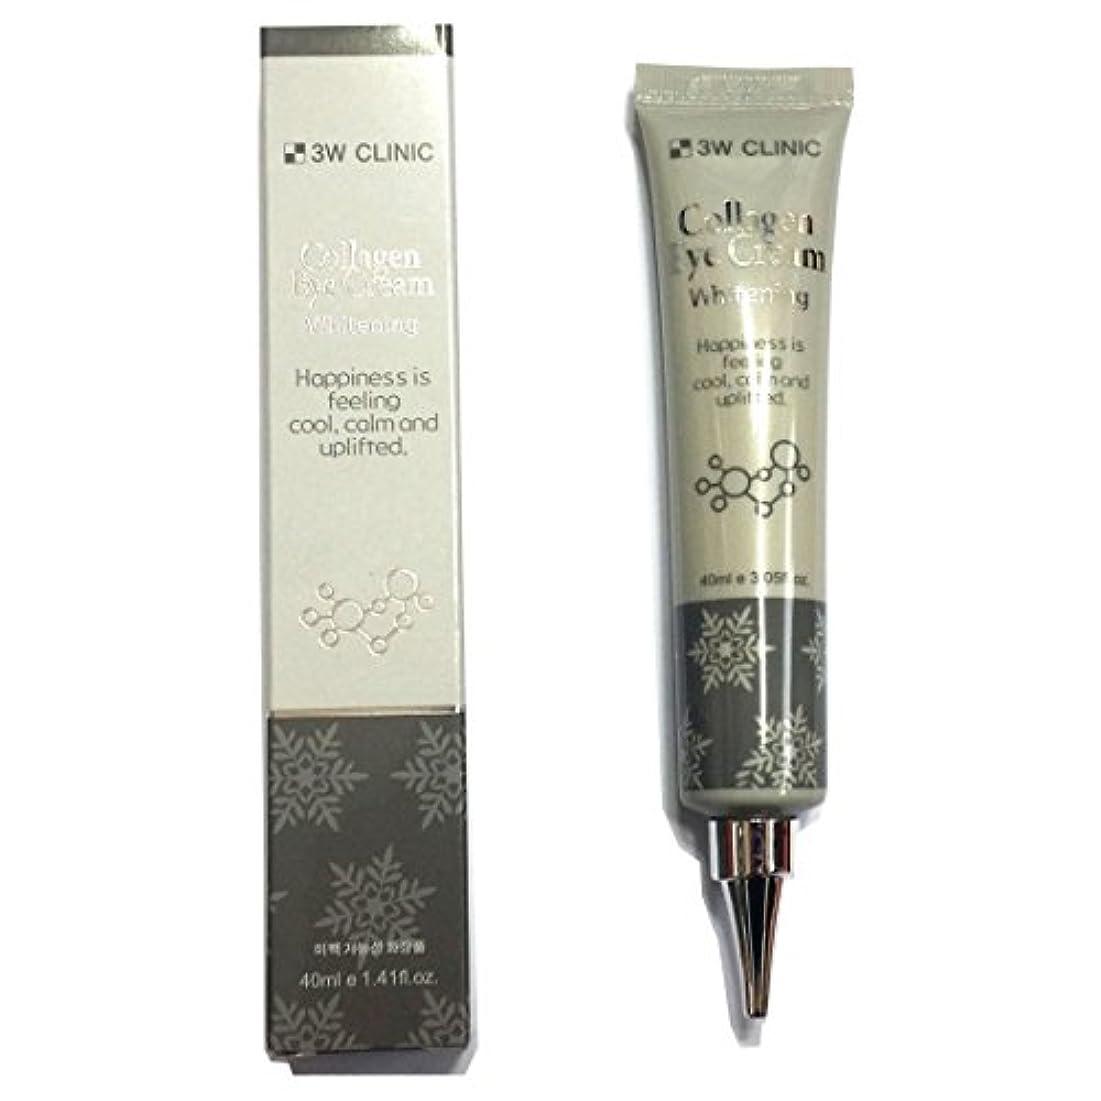 アストロラーベボスティーム[3W CLINIC] コラーゲンアイクリームホワイトニング40ml X 1ea / Collagen Eye Cream Whitening 40ml X 1ea / しっとりしっとり / Anti wrinkles,...